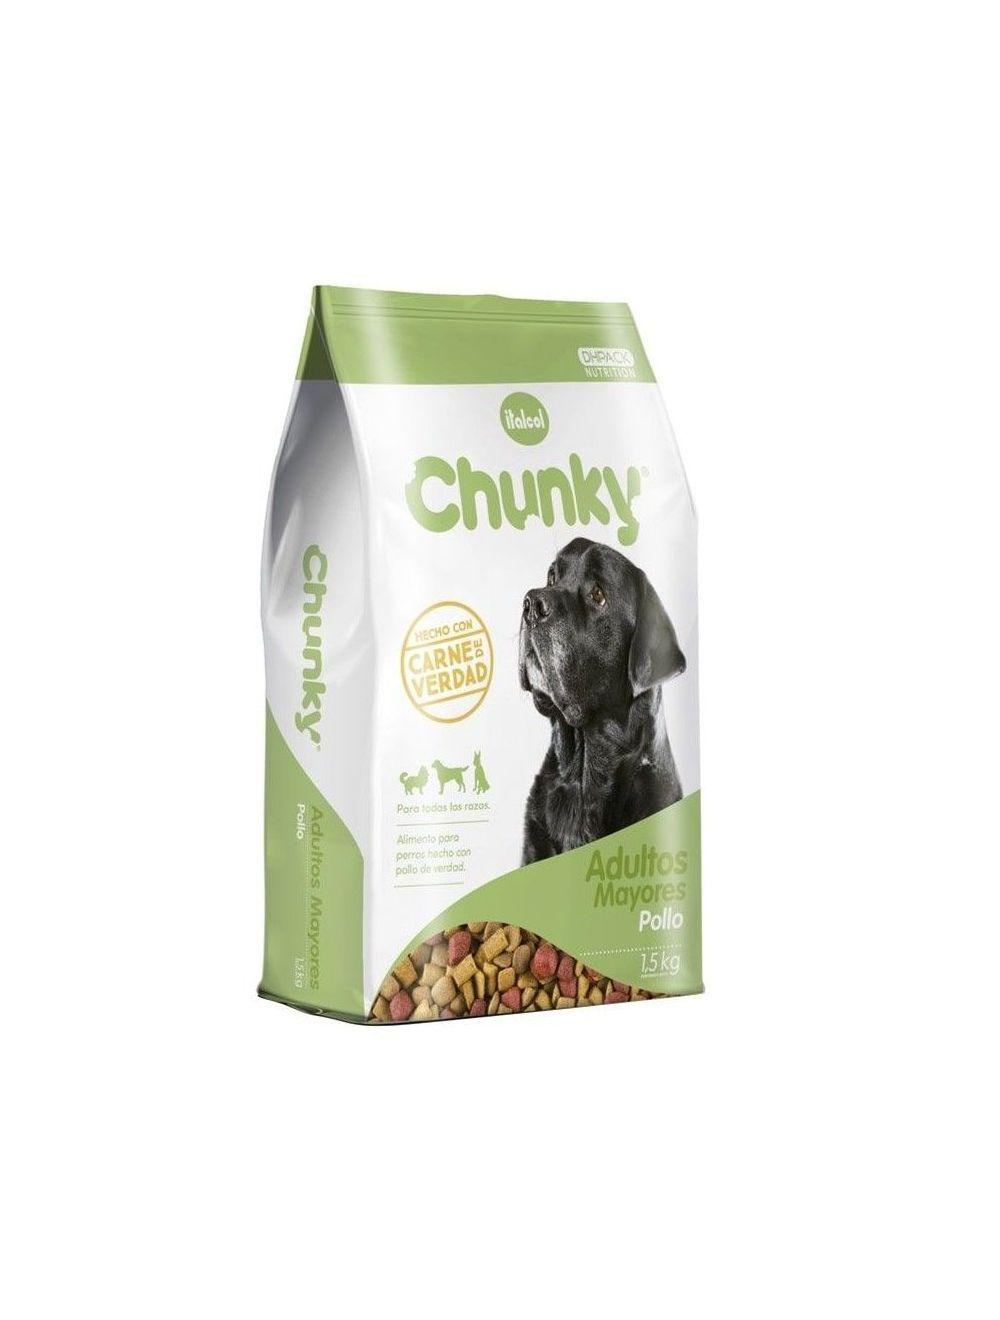 Comida Chunky adultos mayores 12 kilos - Ciudaddemascotas.com